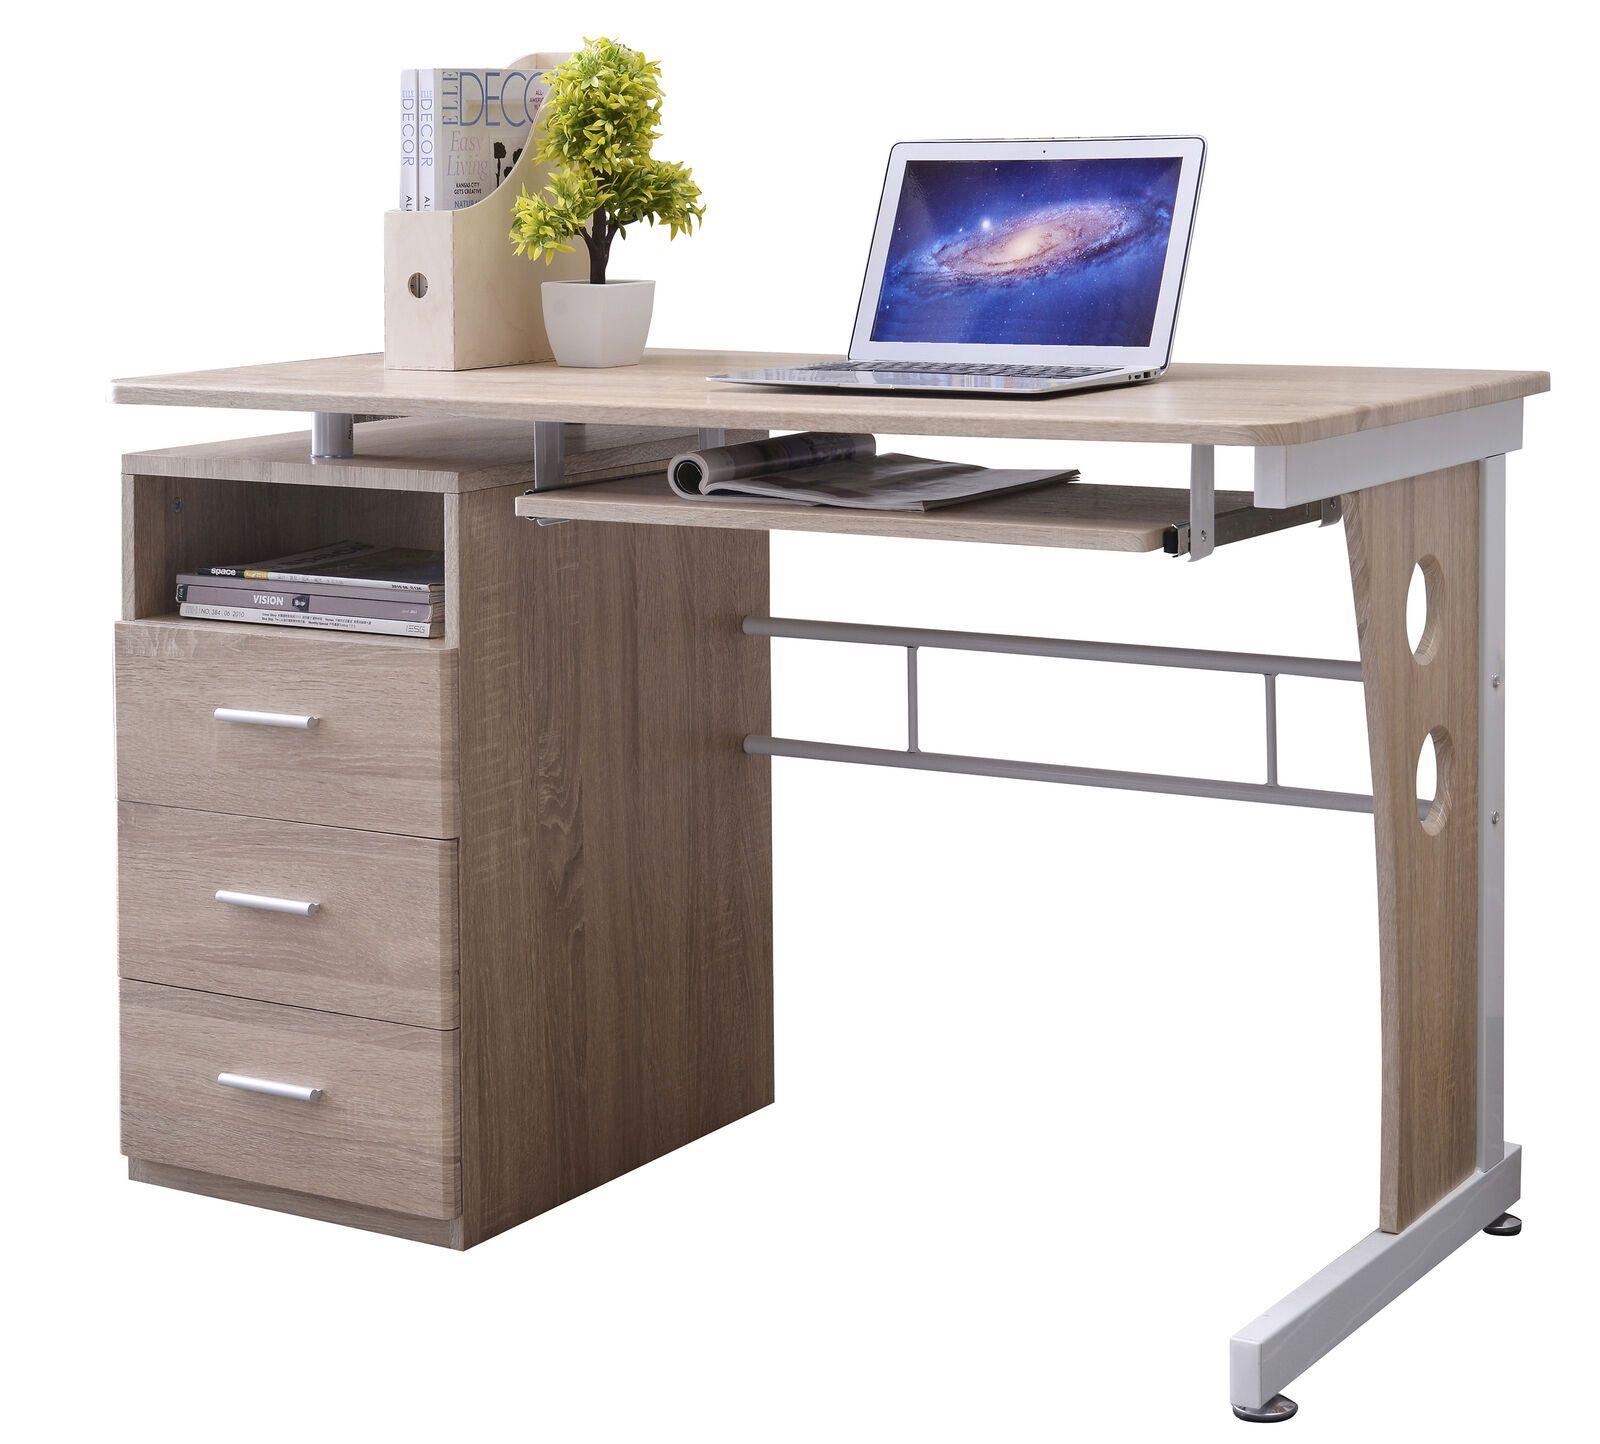 Sixbros Bureau Informatique Meubles De Bureau Chene S 352 2074 Informatique Idees De Informatique Informatique Office Desk Desk Corner Desk